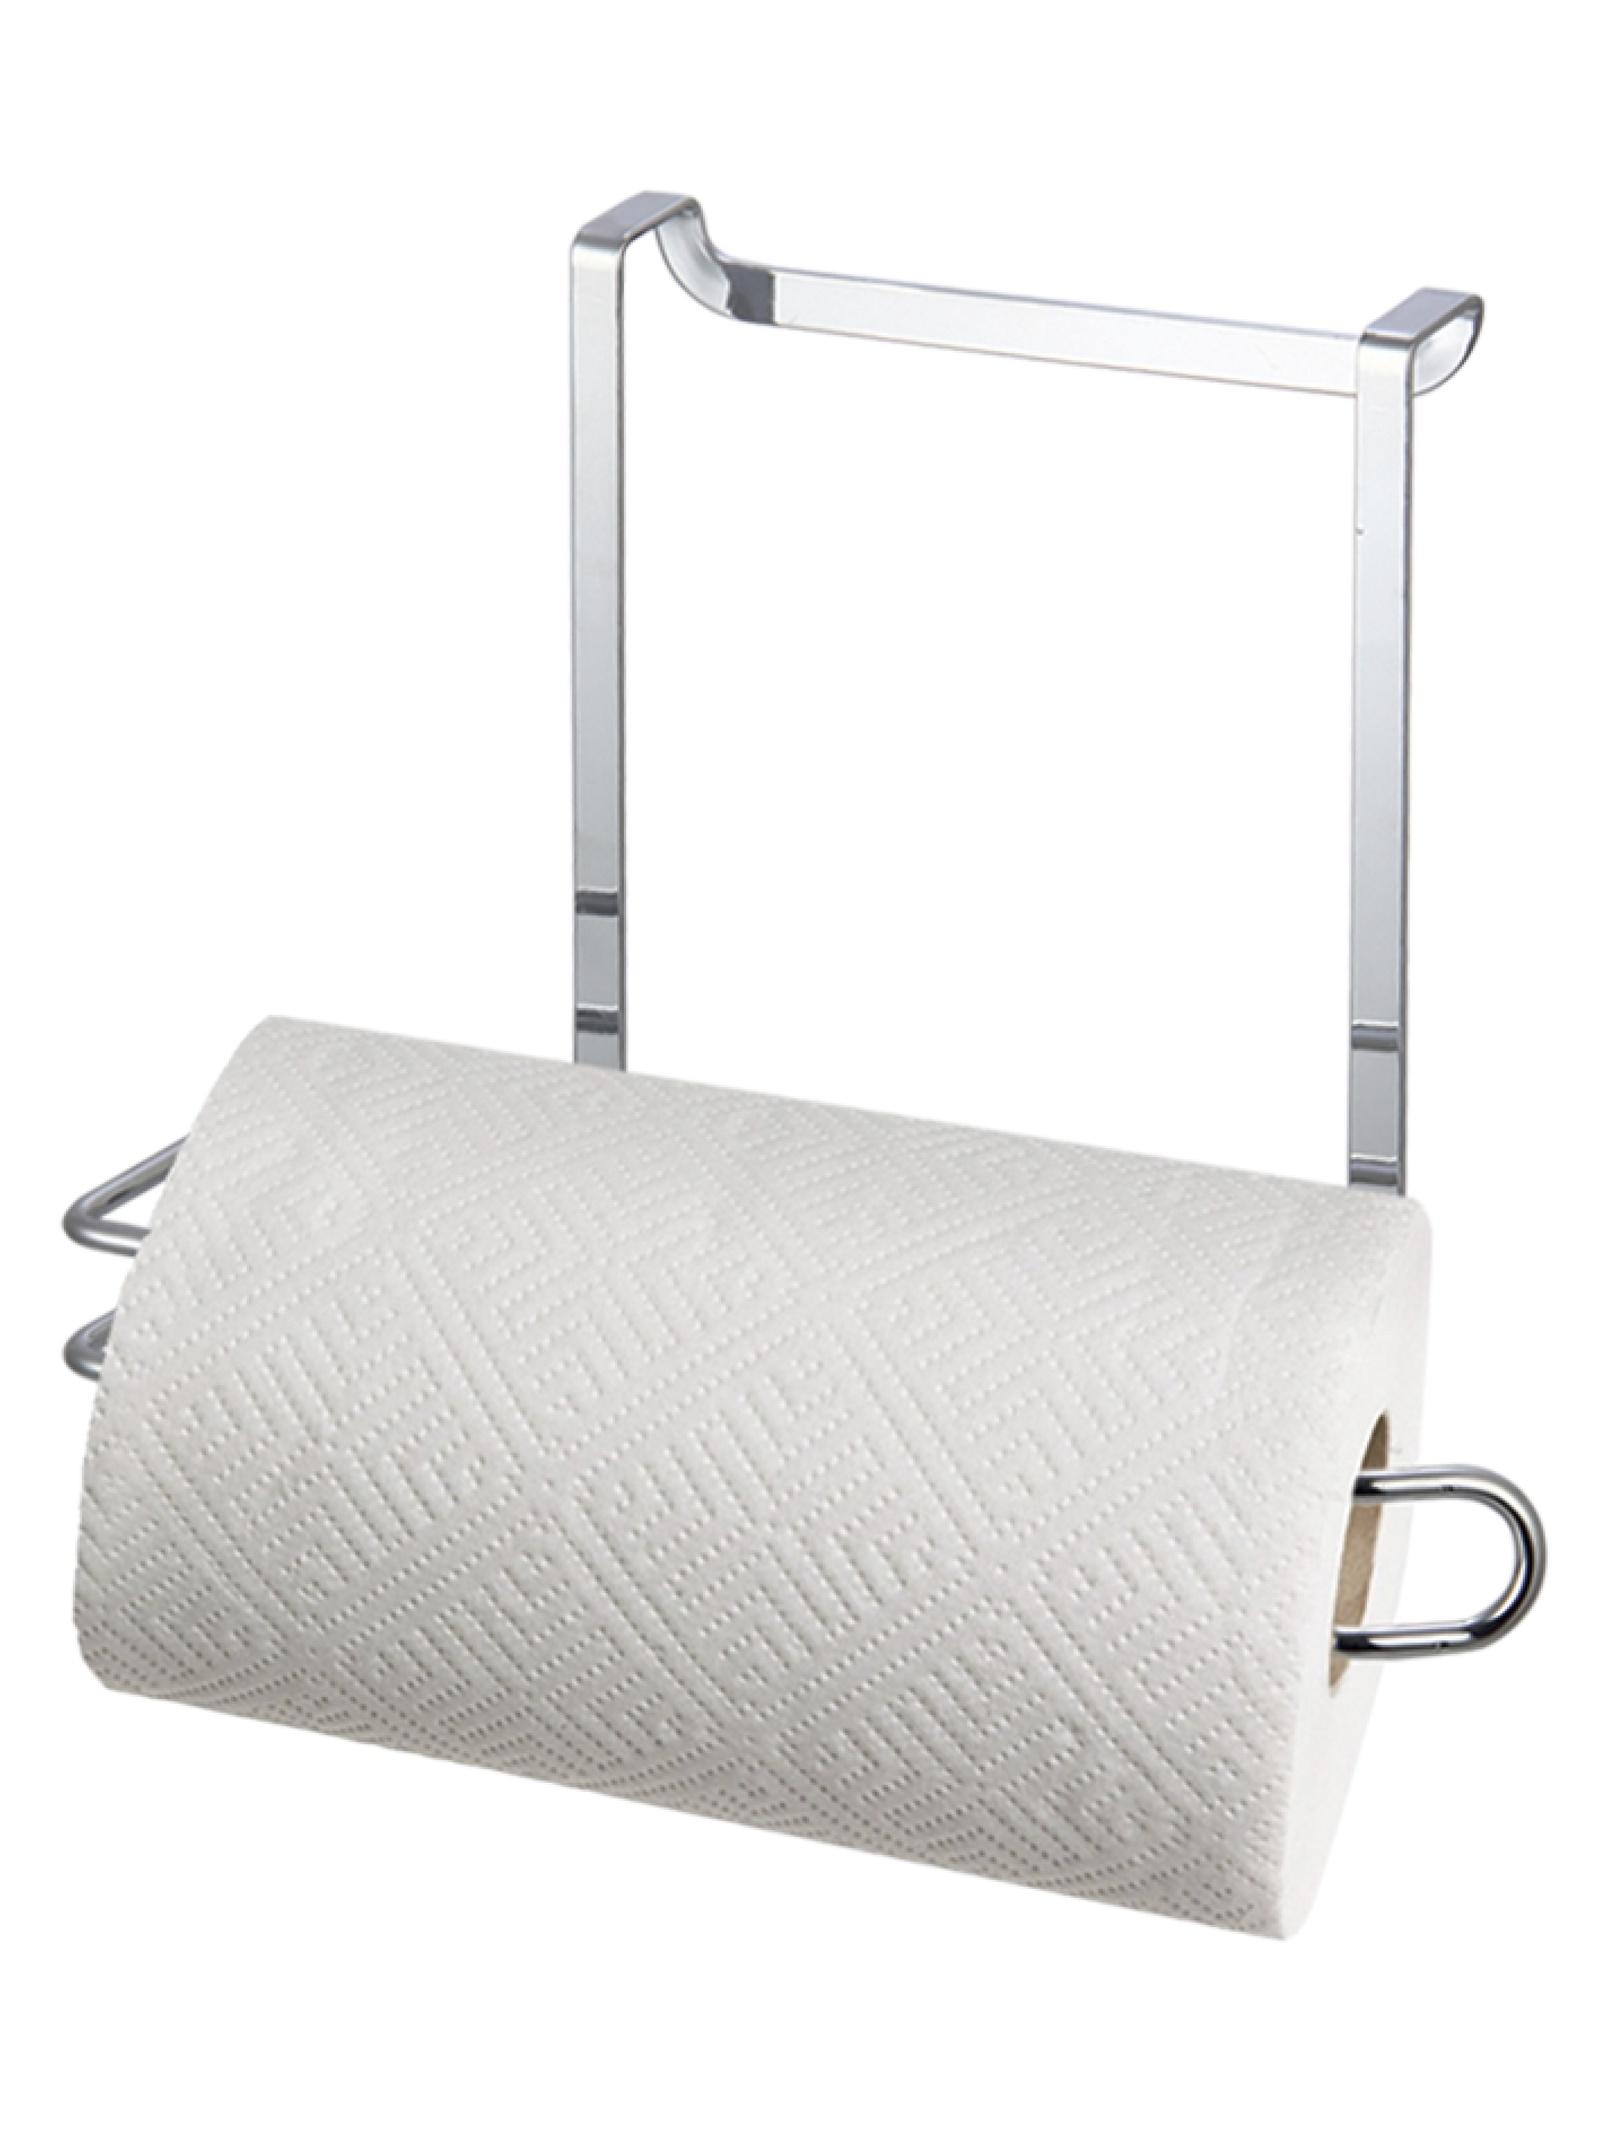 Держатель кухонный Unistor Держатель для бумажных полотенец надверный, серебристый держатель для бумажных полотенец winner wr 7503